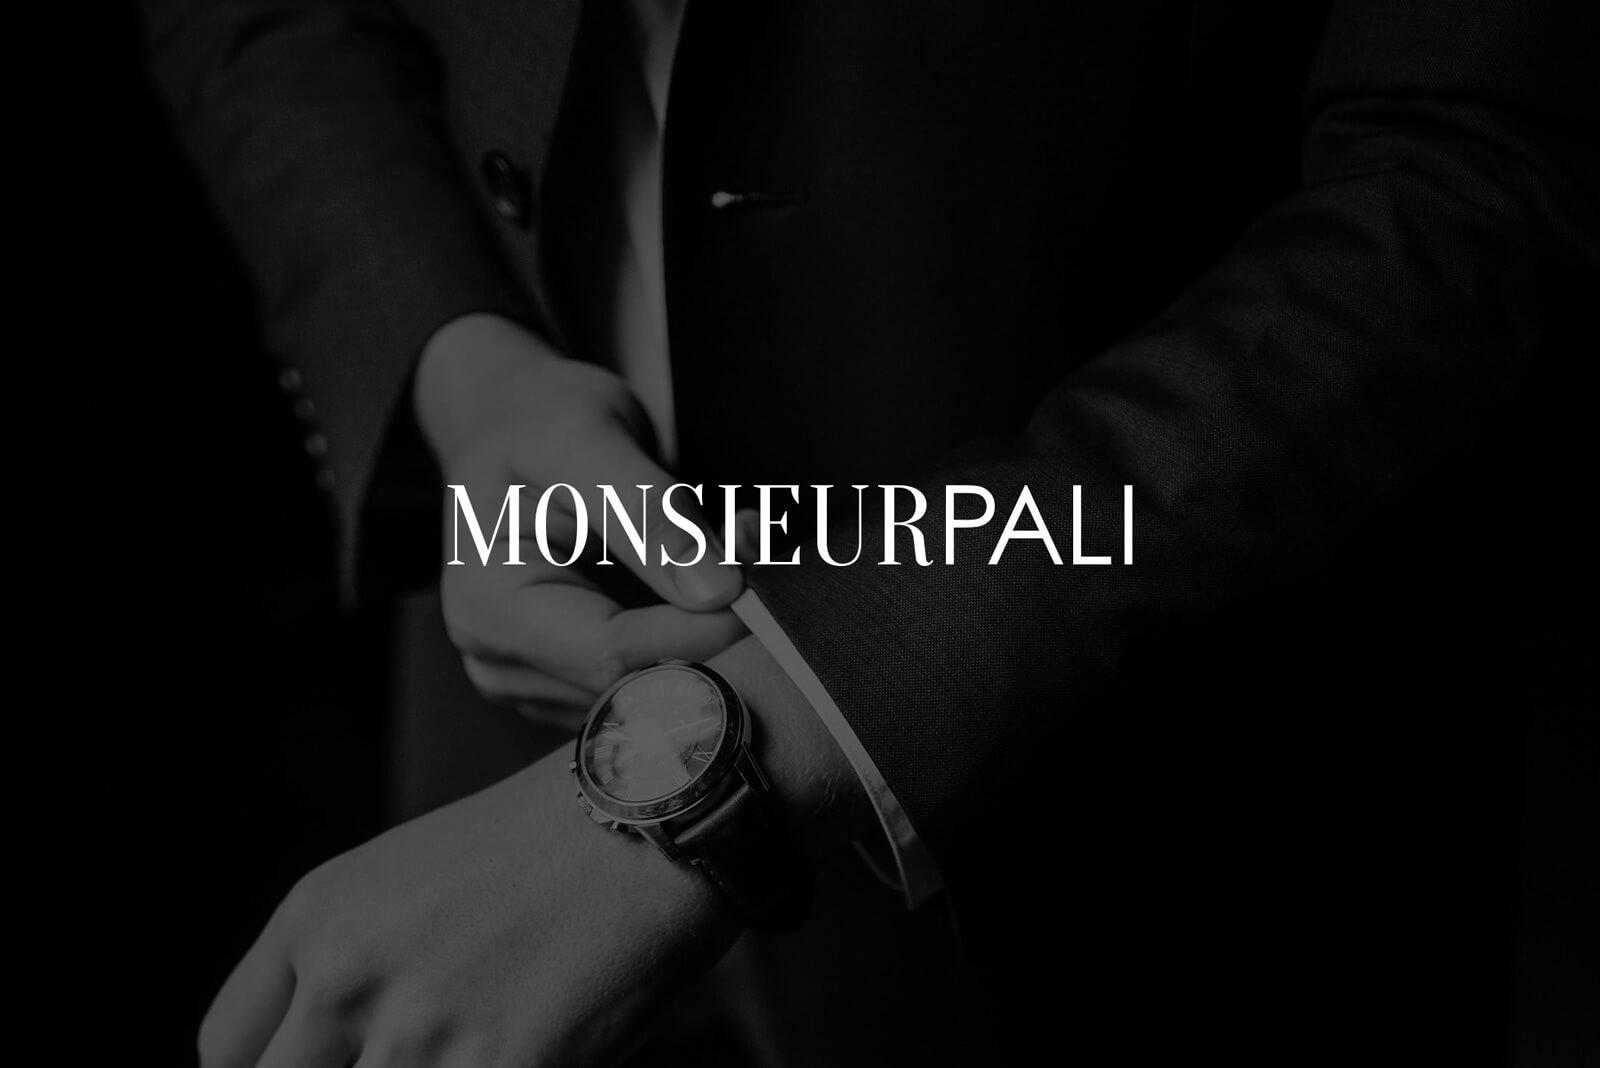 monsieur-pali-branding-1